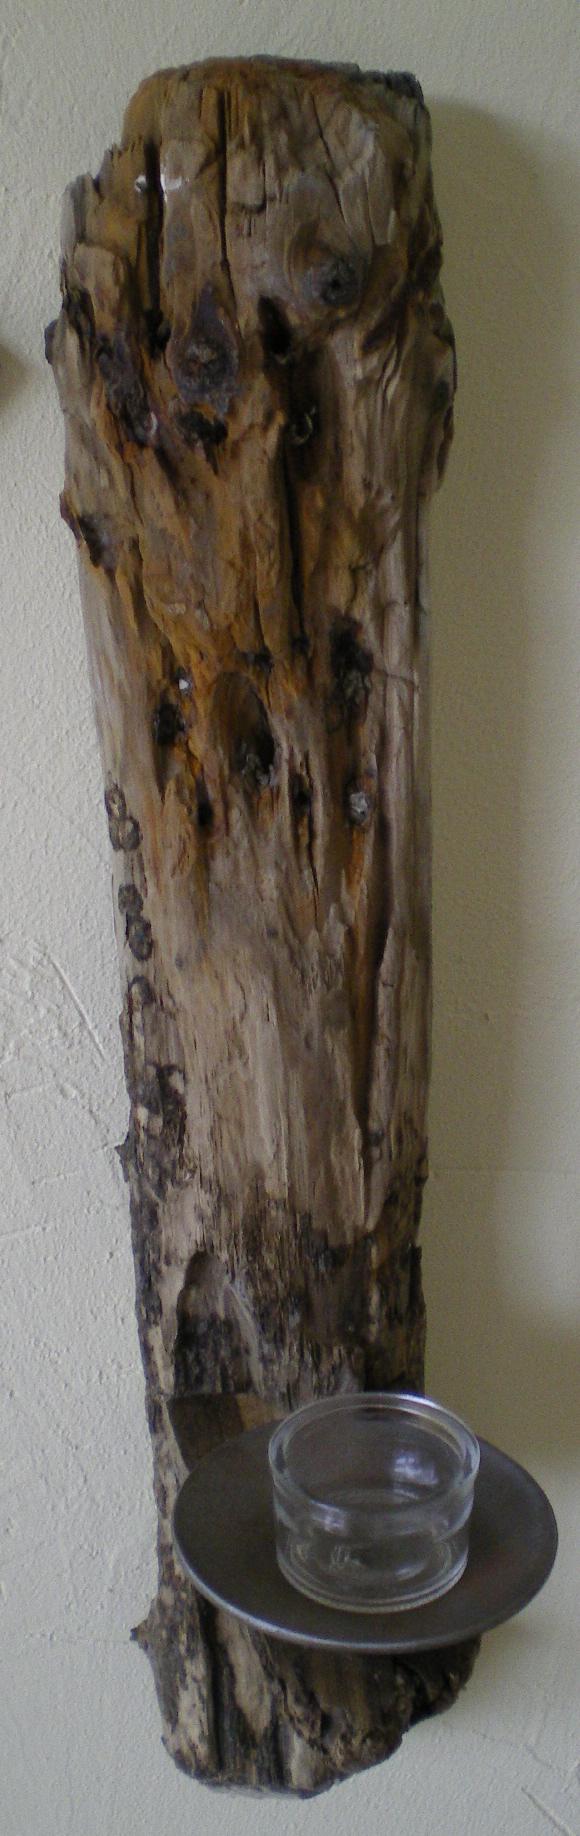 Holz und metallkunst in st peter ording handmade vom fachmann - Treibholz wanddeko ...